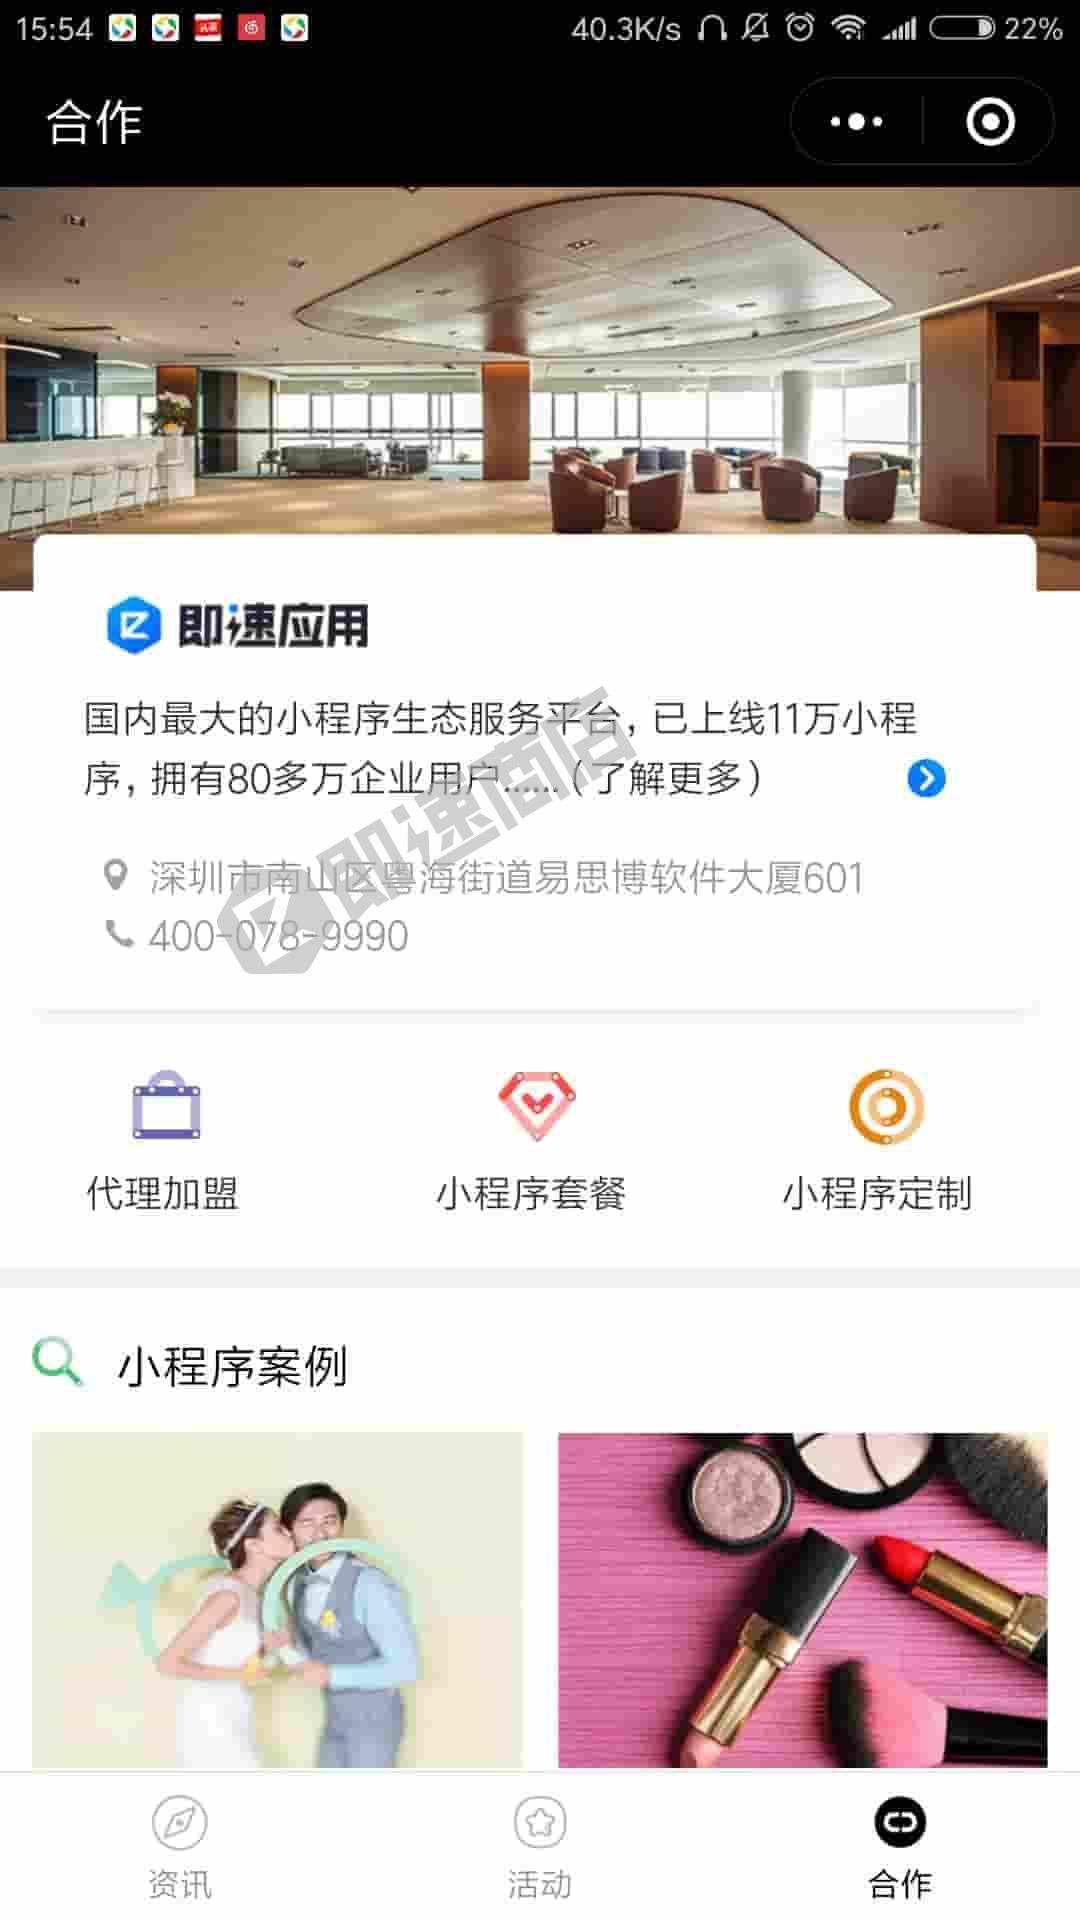 八喜旅游网小程序首页截图